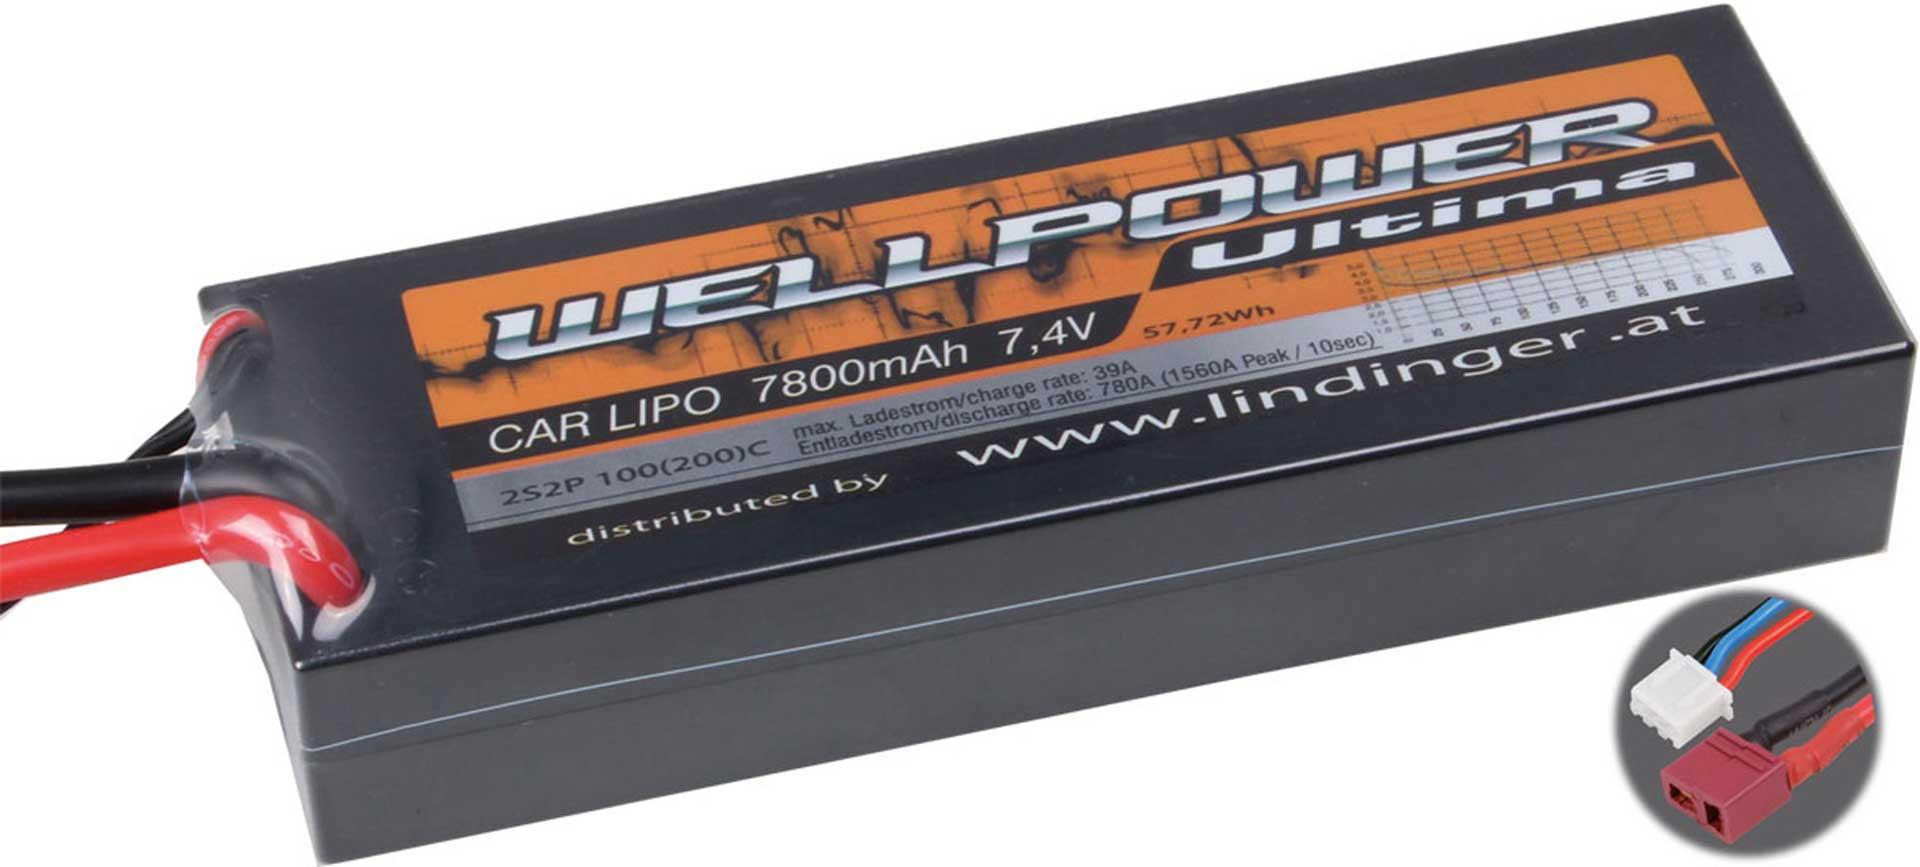 WELLPOWER LIPO AKKU ULTIMA CAR 7800 MAH / 7,4 VOLT 2S2P 100/200C MIT T-STECKER